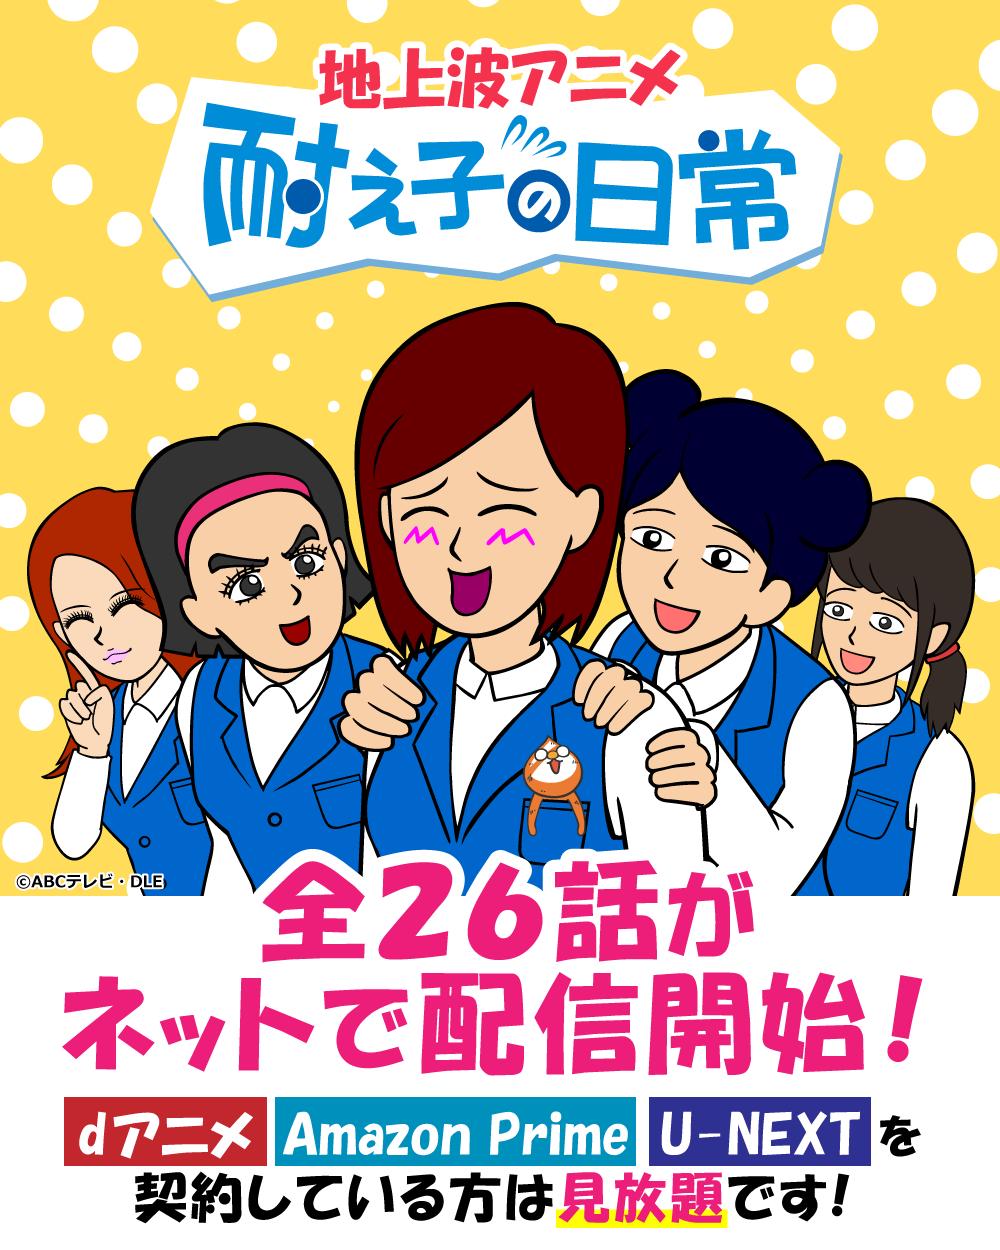 【耐え子の日常】アニメ「耐え子の日常」配信(dアニメ・アマプラ・U-Next)開始